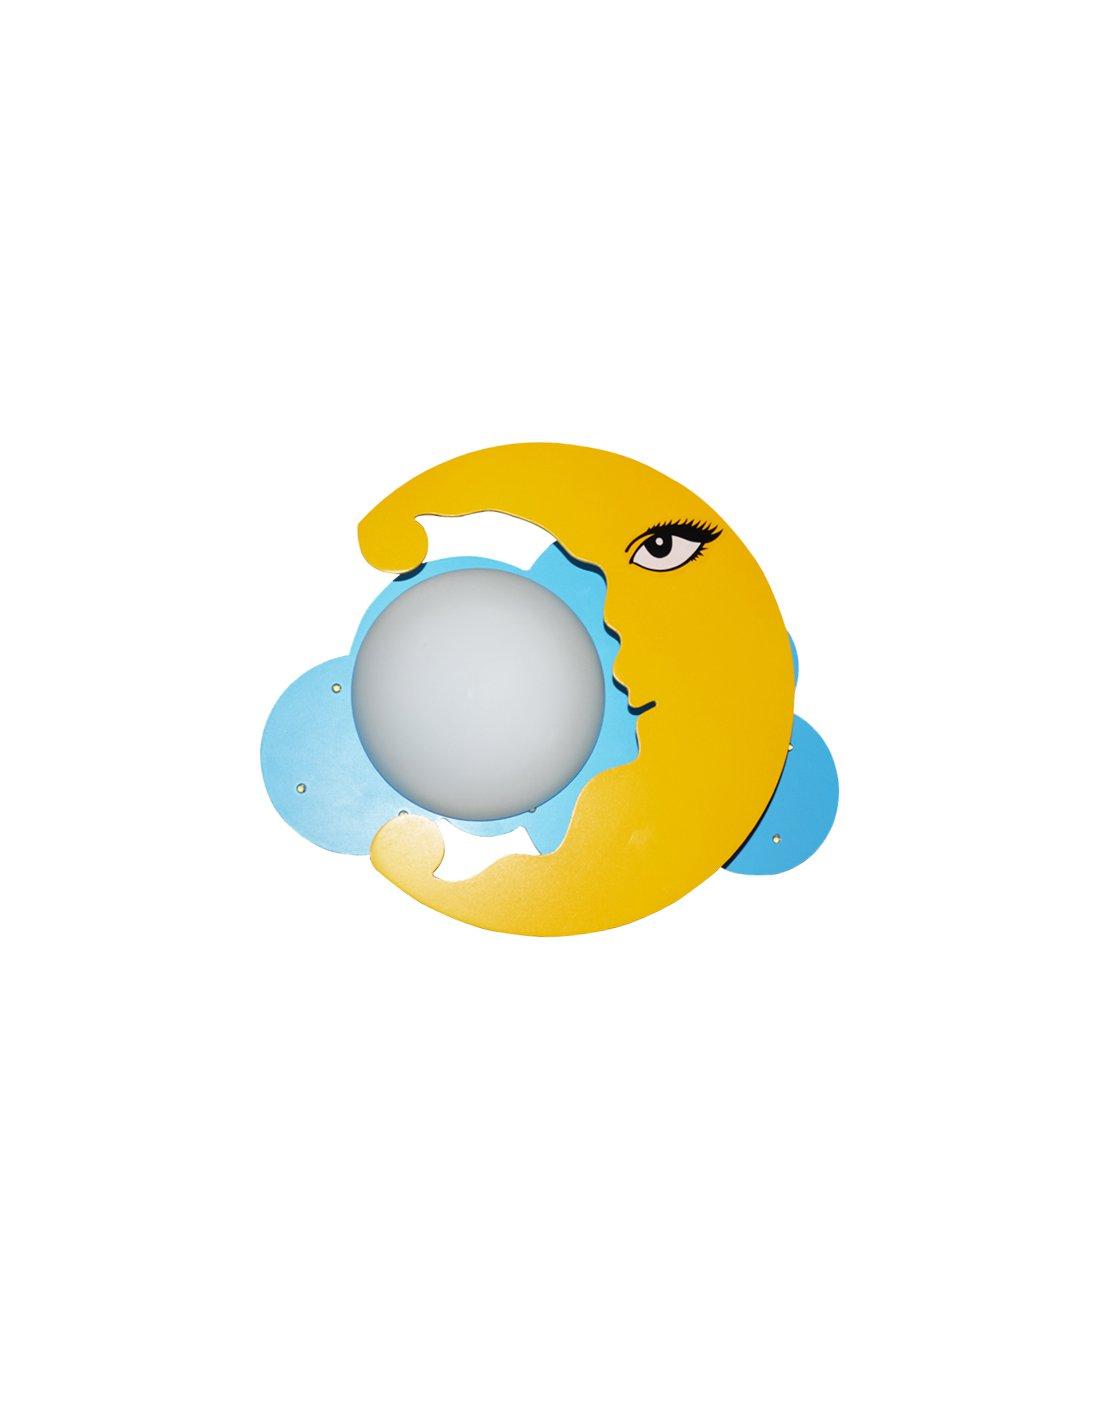 applique enfant en forme de lune - sleepy moon y + bl - jaune et bleu